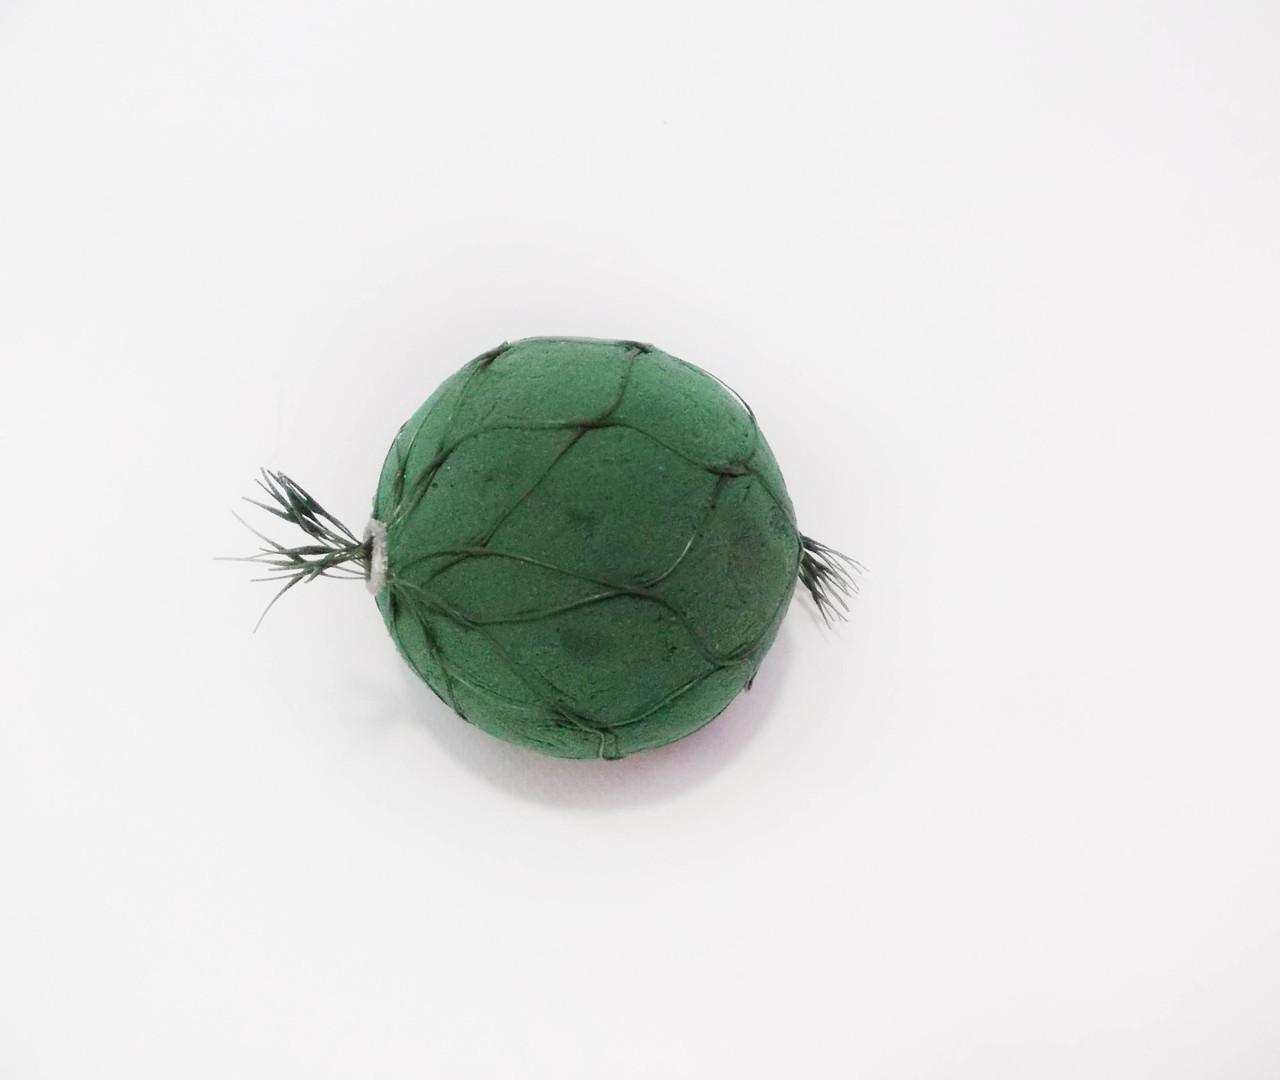 Флористическая пена в виде Шара 90 мм